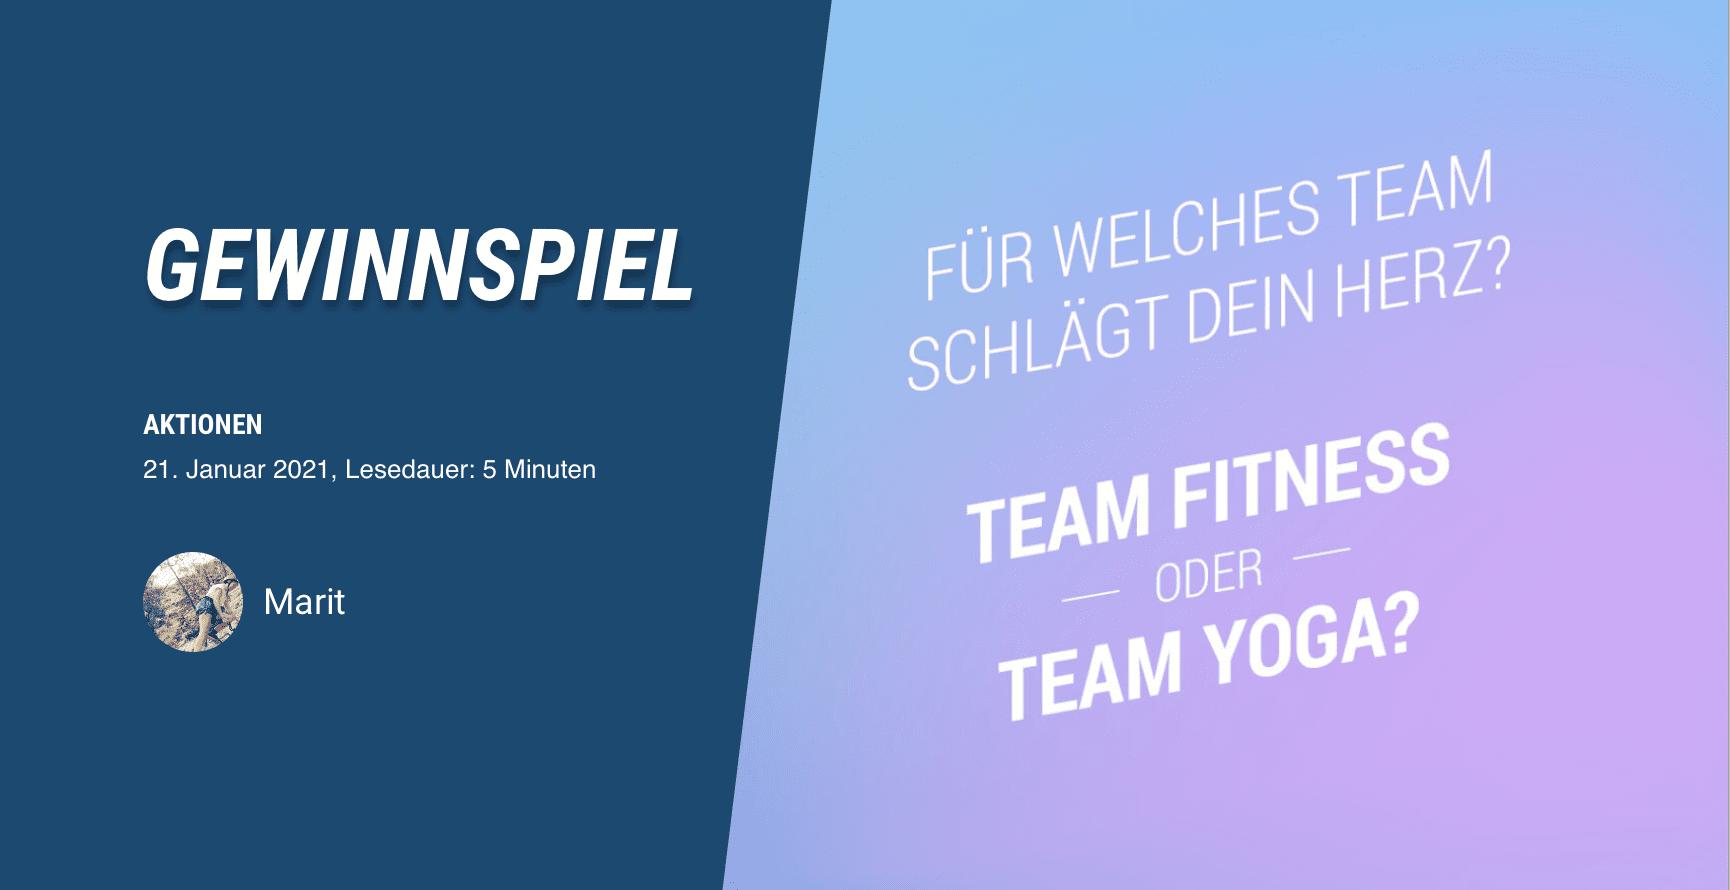 """Gewinnspiel-Cases von """"Onlineshops"""" Decathlon"""